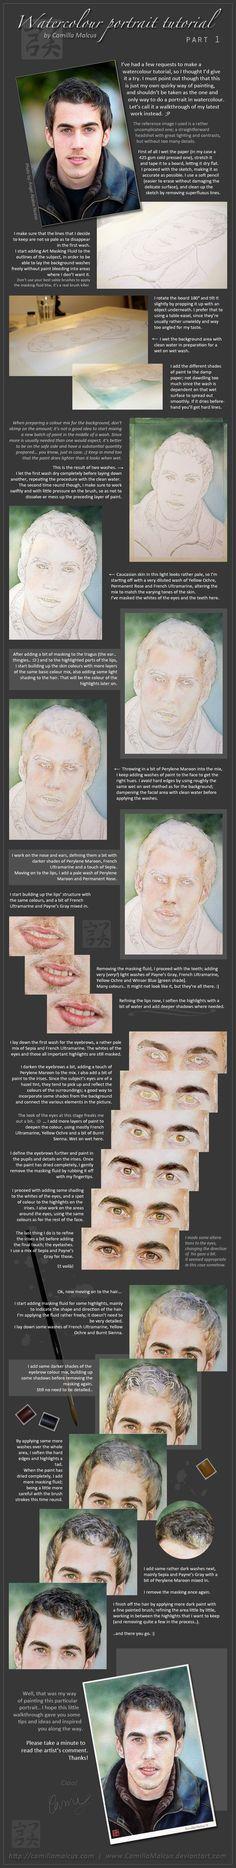 Watercolor Portrait Tutorial by *CamillaMalcus on deviantART